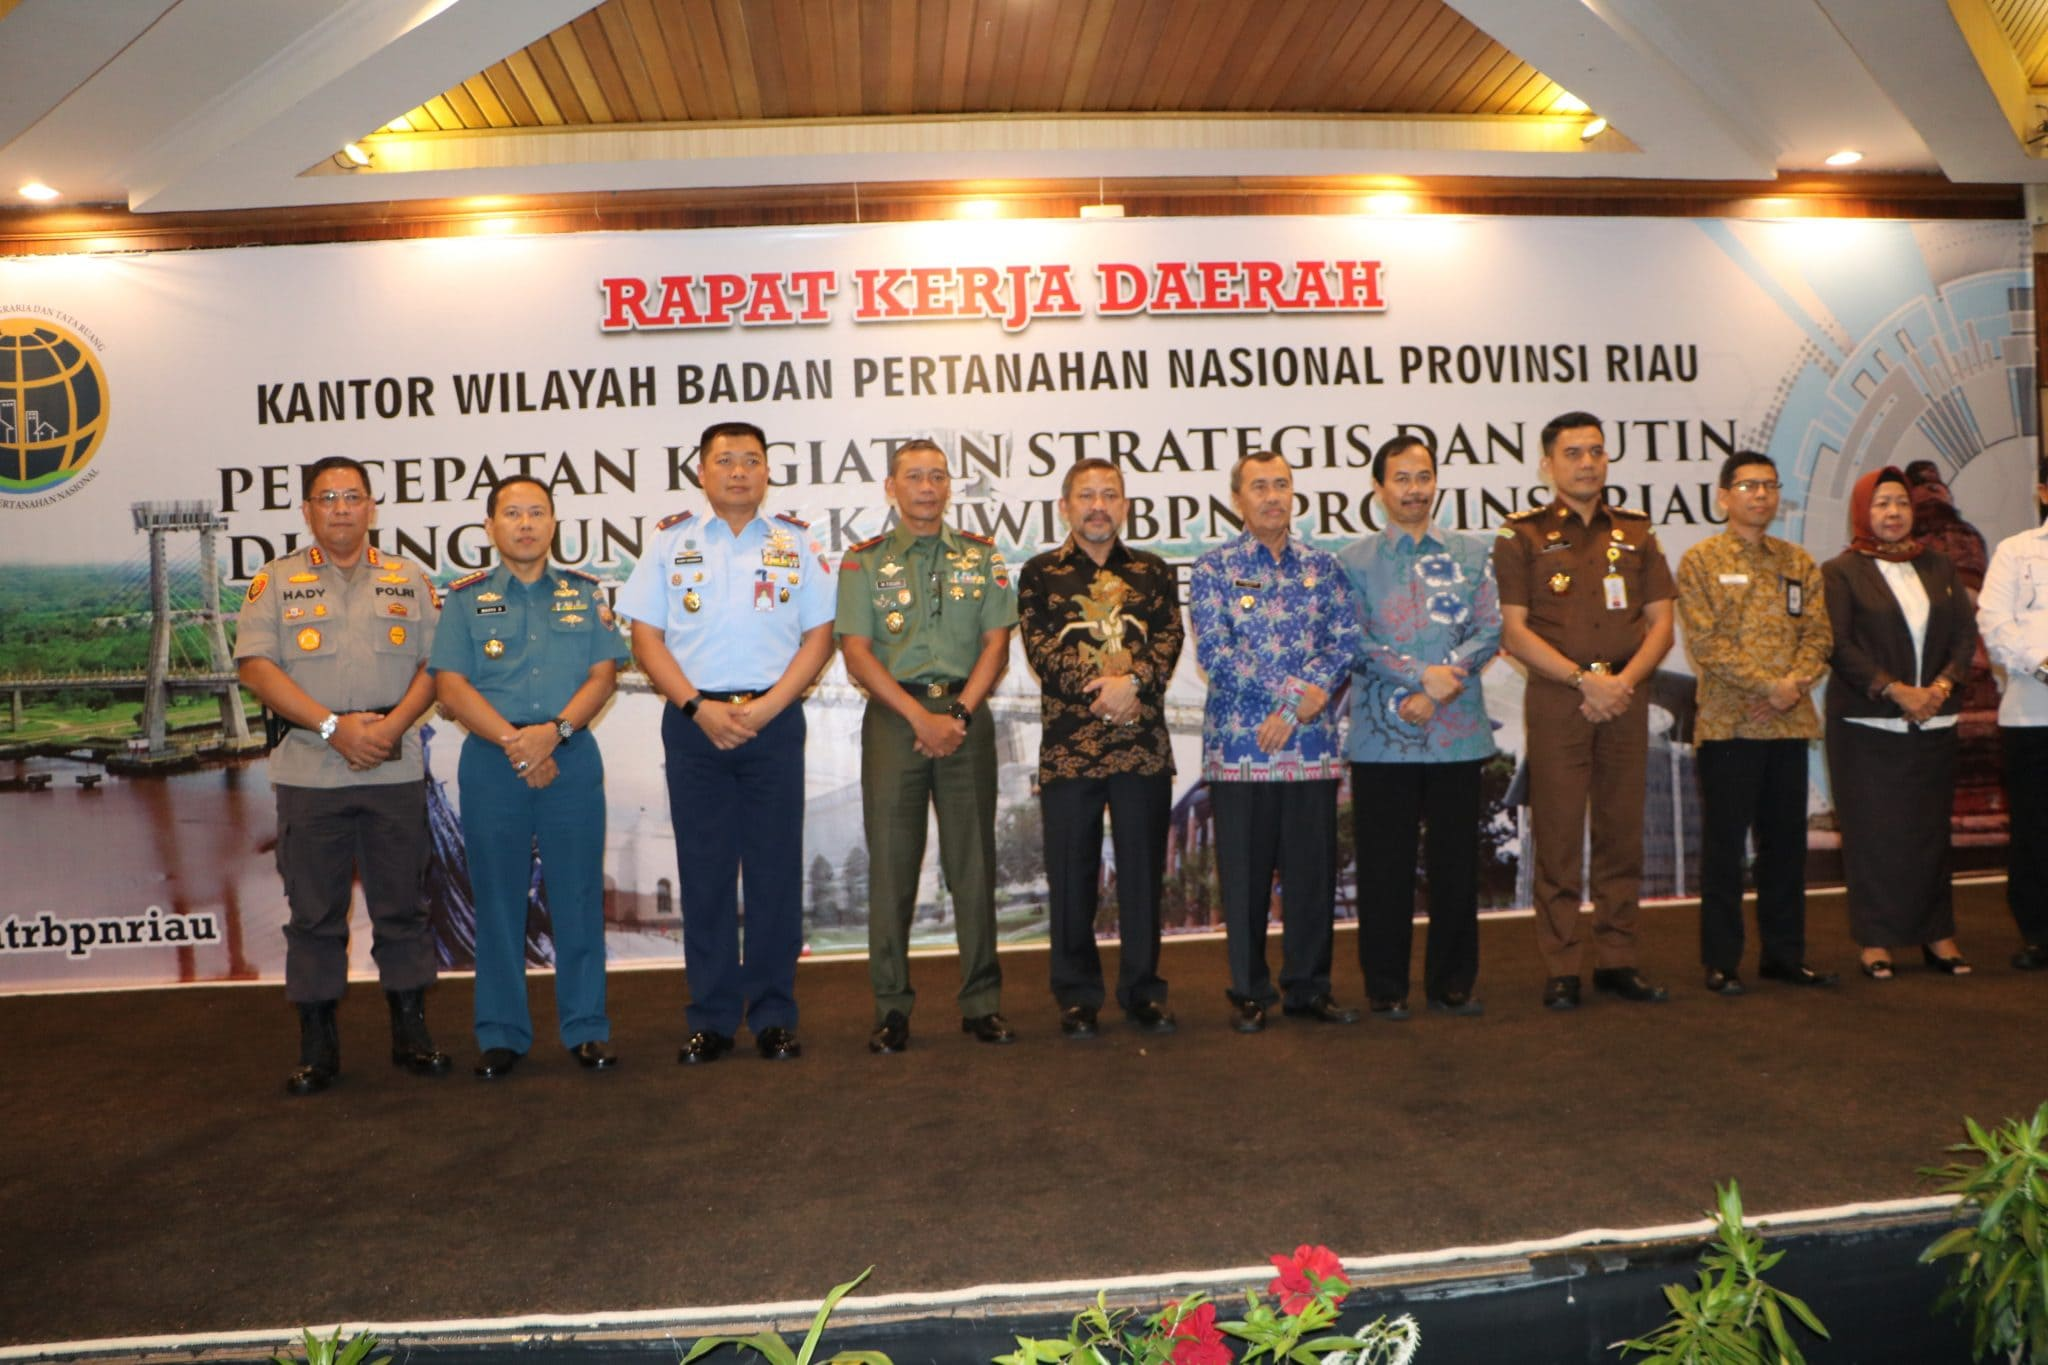 Danlanud Rsn Hadiri Rakerda BPN Prov. Riau